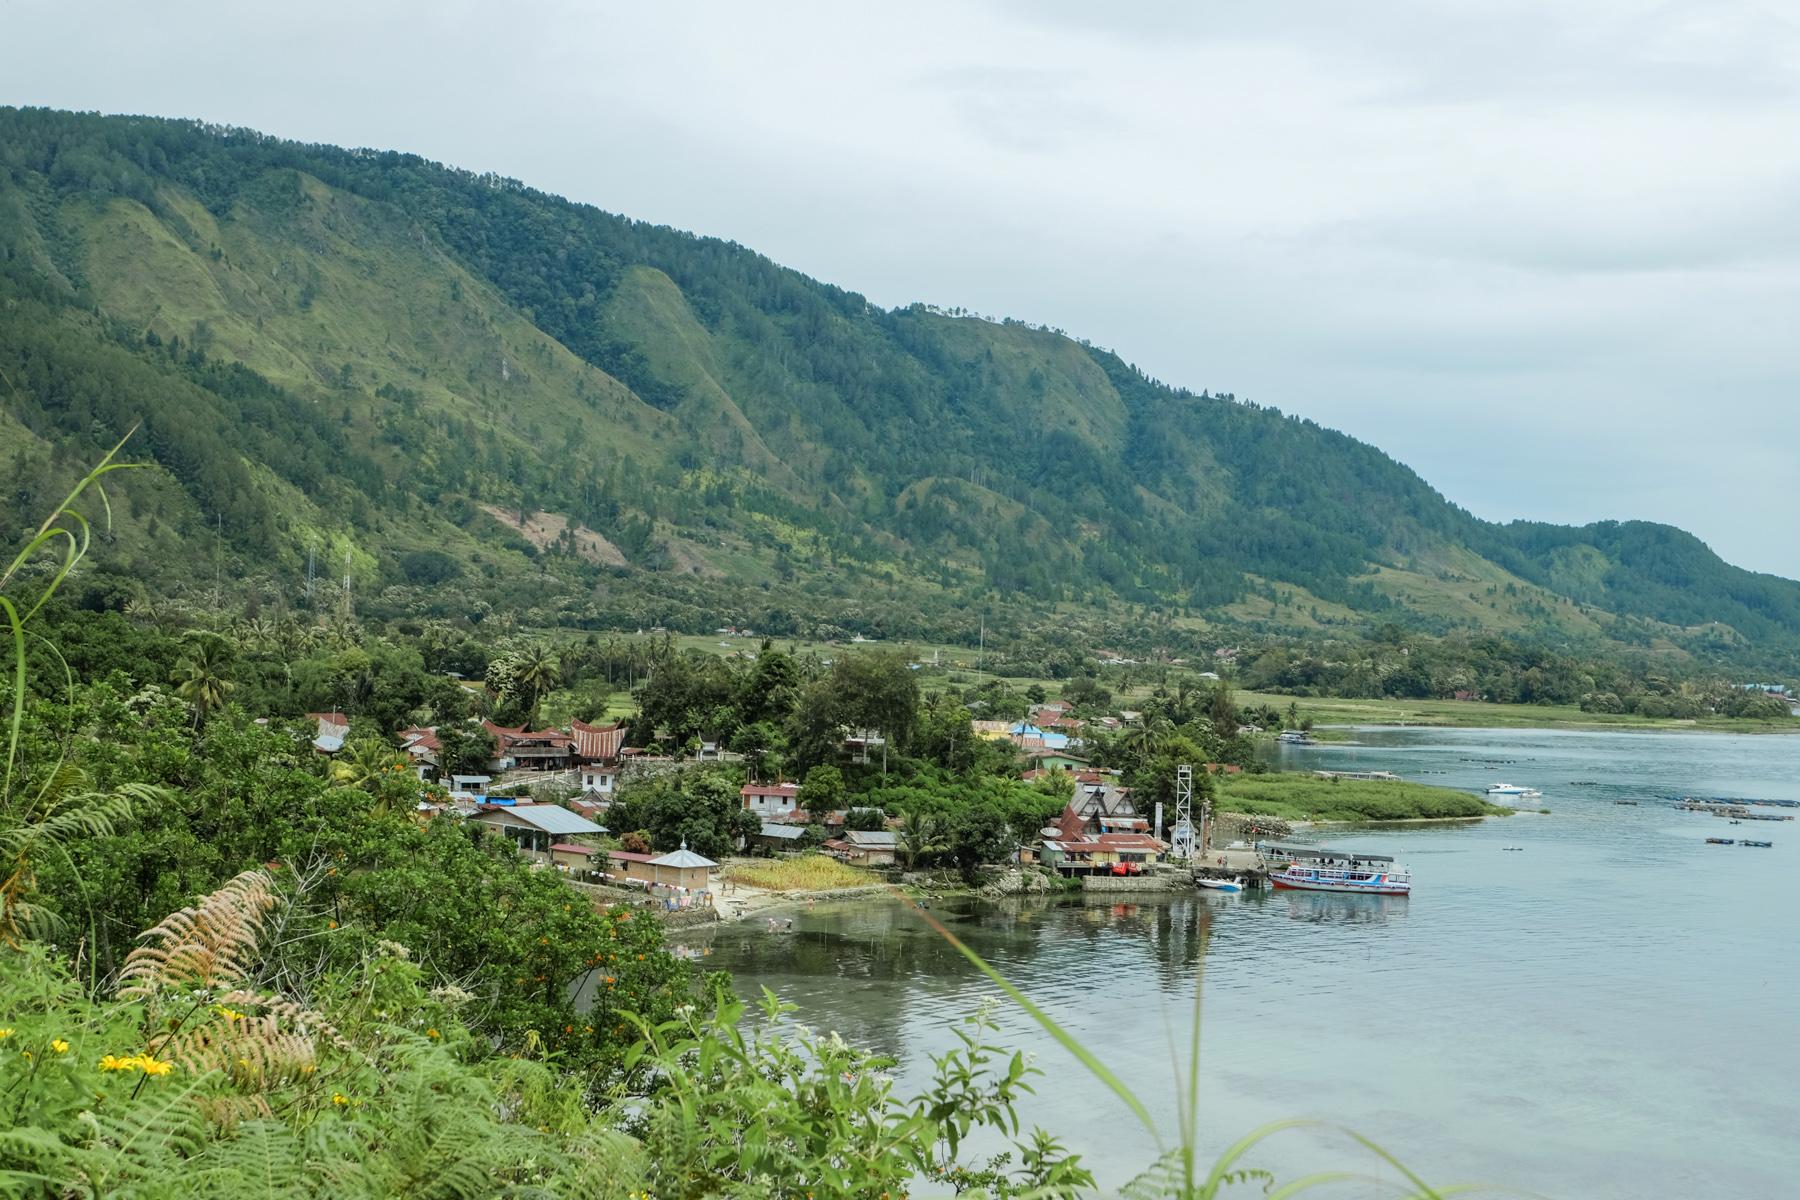 All About Samosir Island in Lake Toba, Sumatra